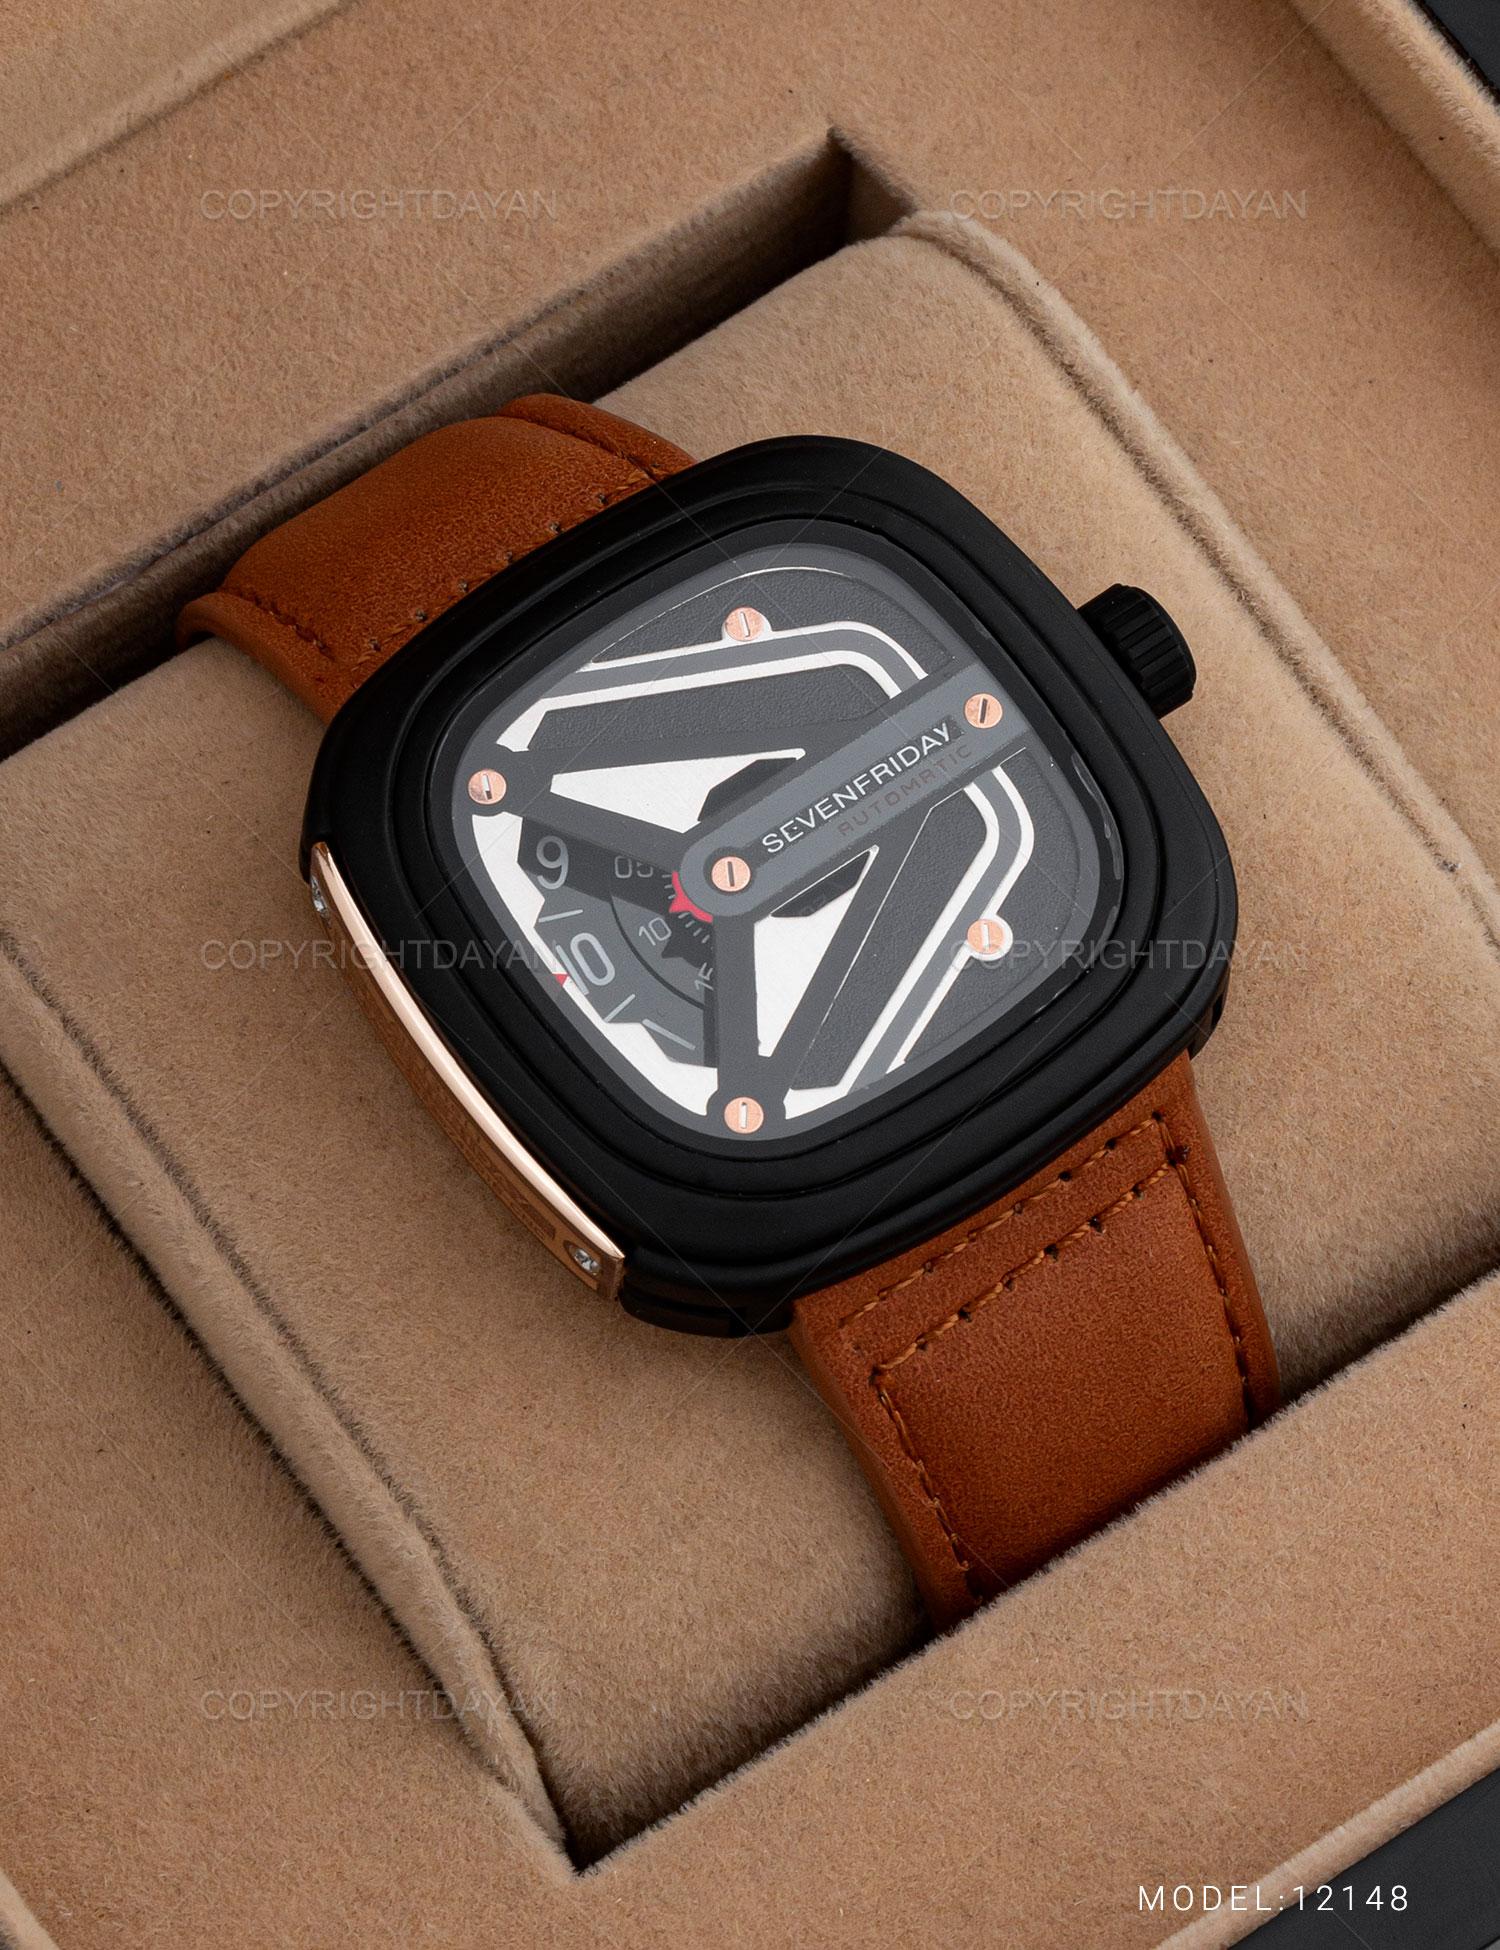 ساعت مچی مردانه Sevenfriday مدل ۱۲۱۴۸